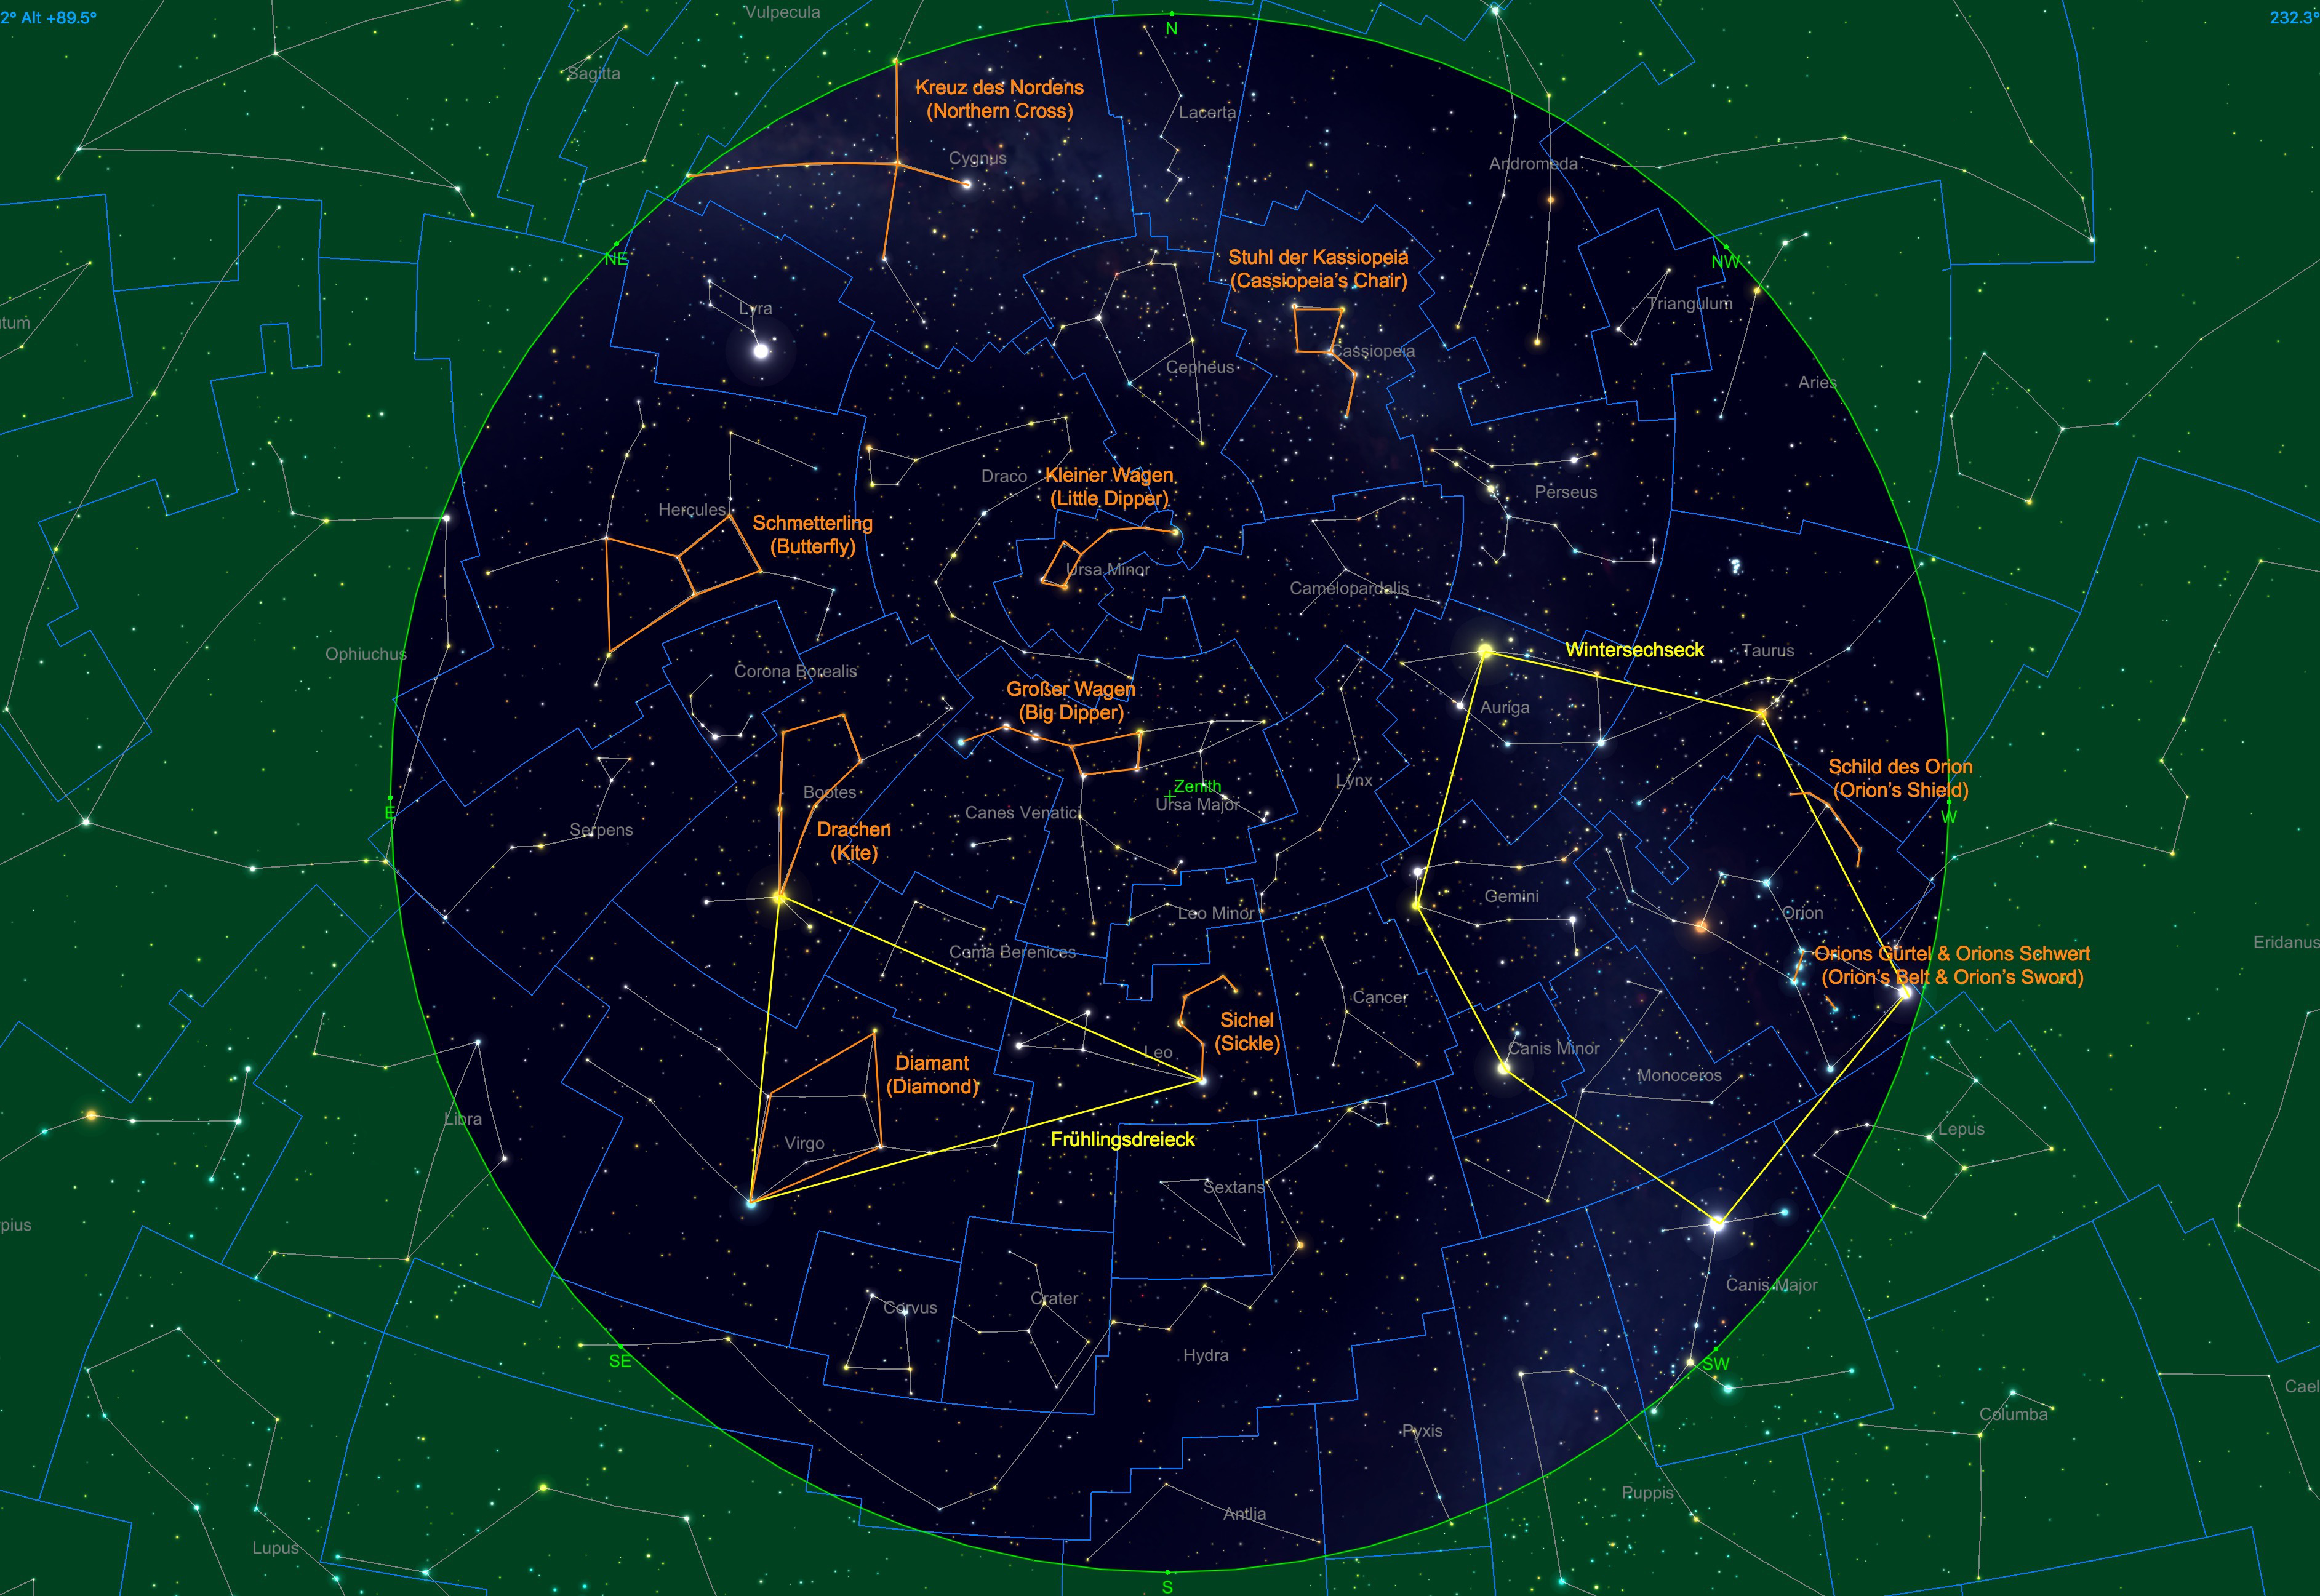 Sternhimmel am 15.03.20, 23:00 Uhr